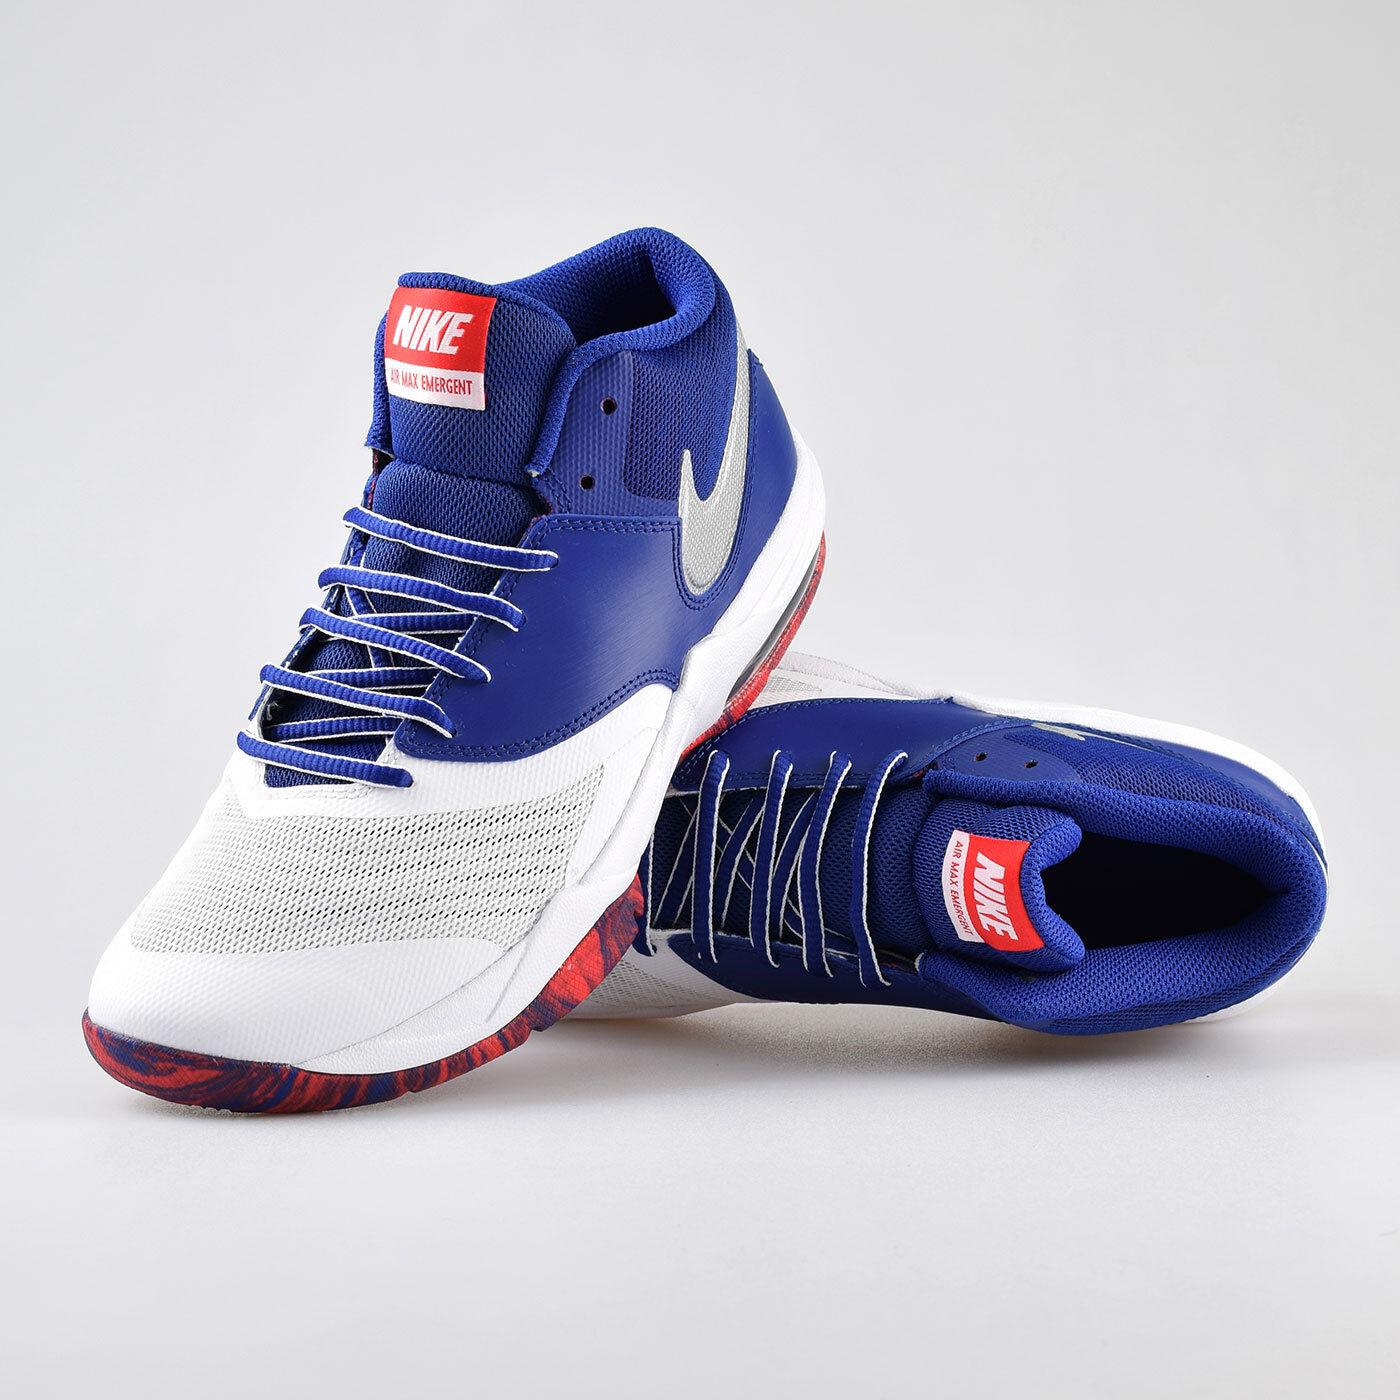 Nike air max emergente scarpe da dimensioni basket blu 818954-104 Uomo dimensioni da 9 10 12 9b691f